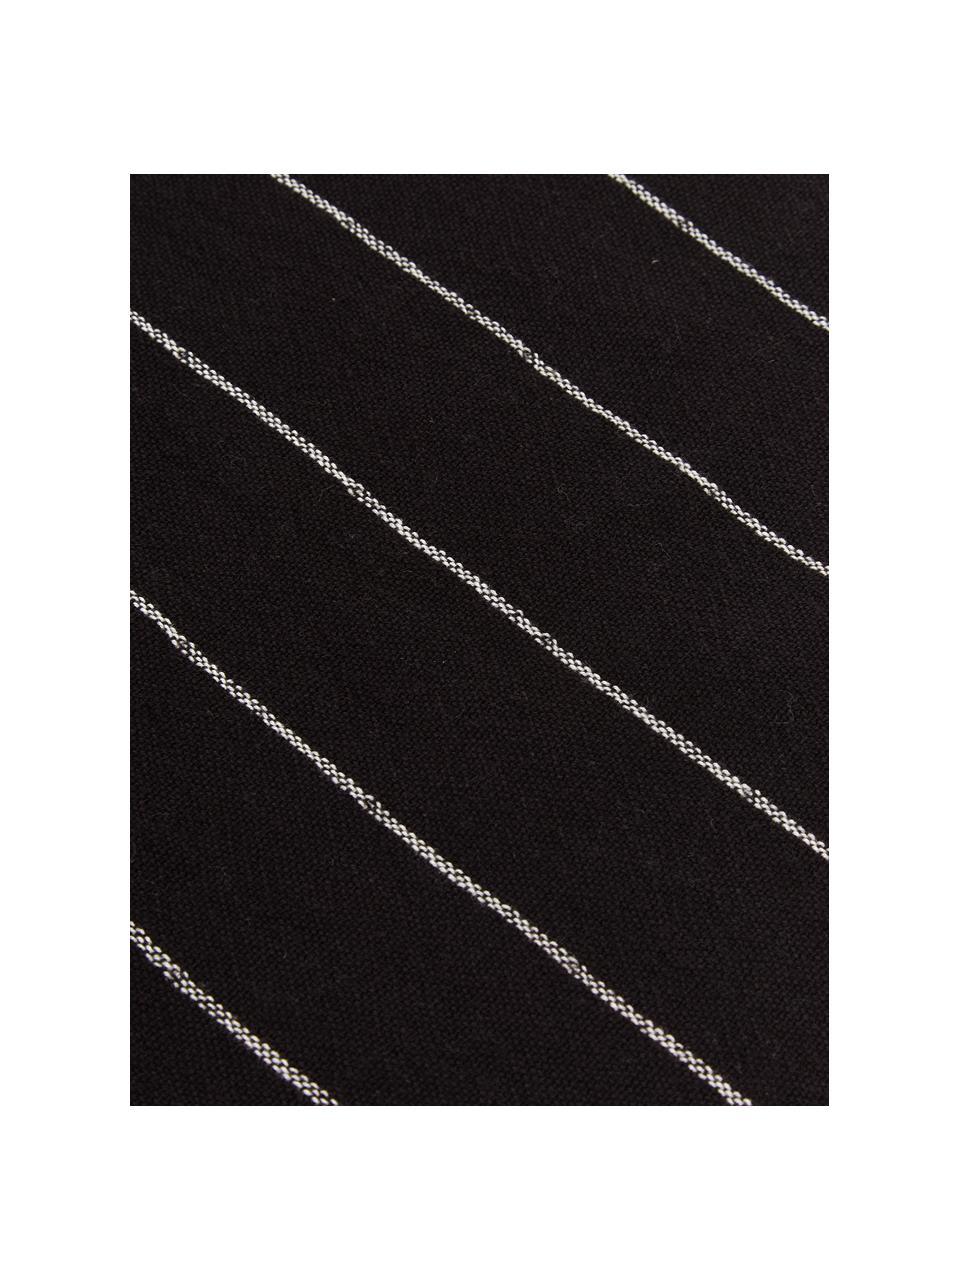 Baumwoll-Geschirrtücher-Set Rick, 2-tlg., Baumwolle, Anthrazit, gebrochenes Weiß, 50 x 70 cm